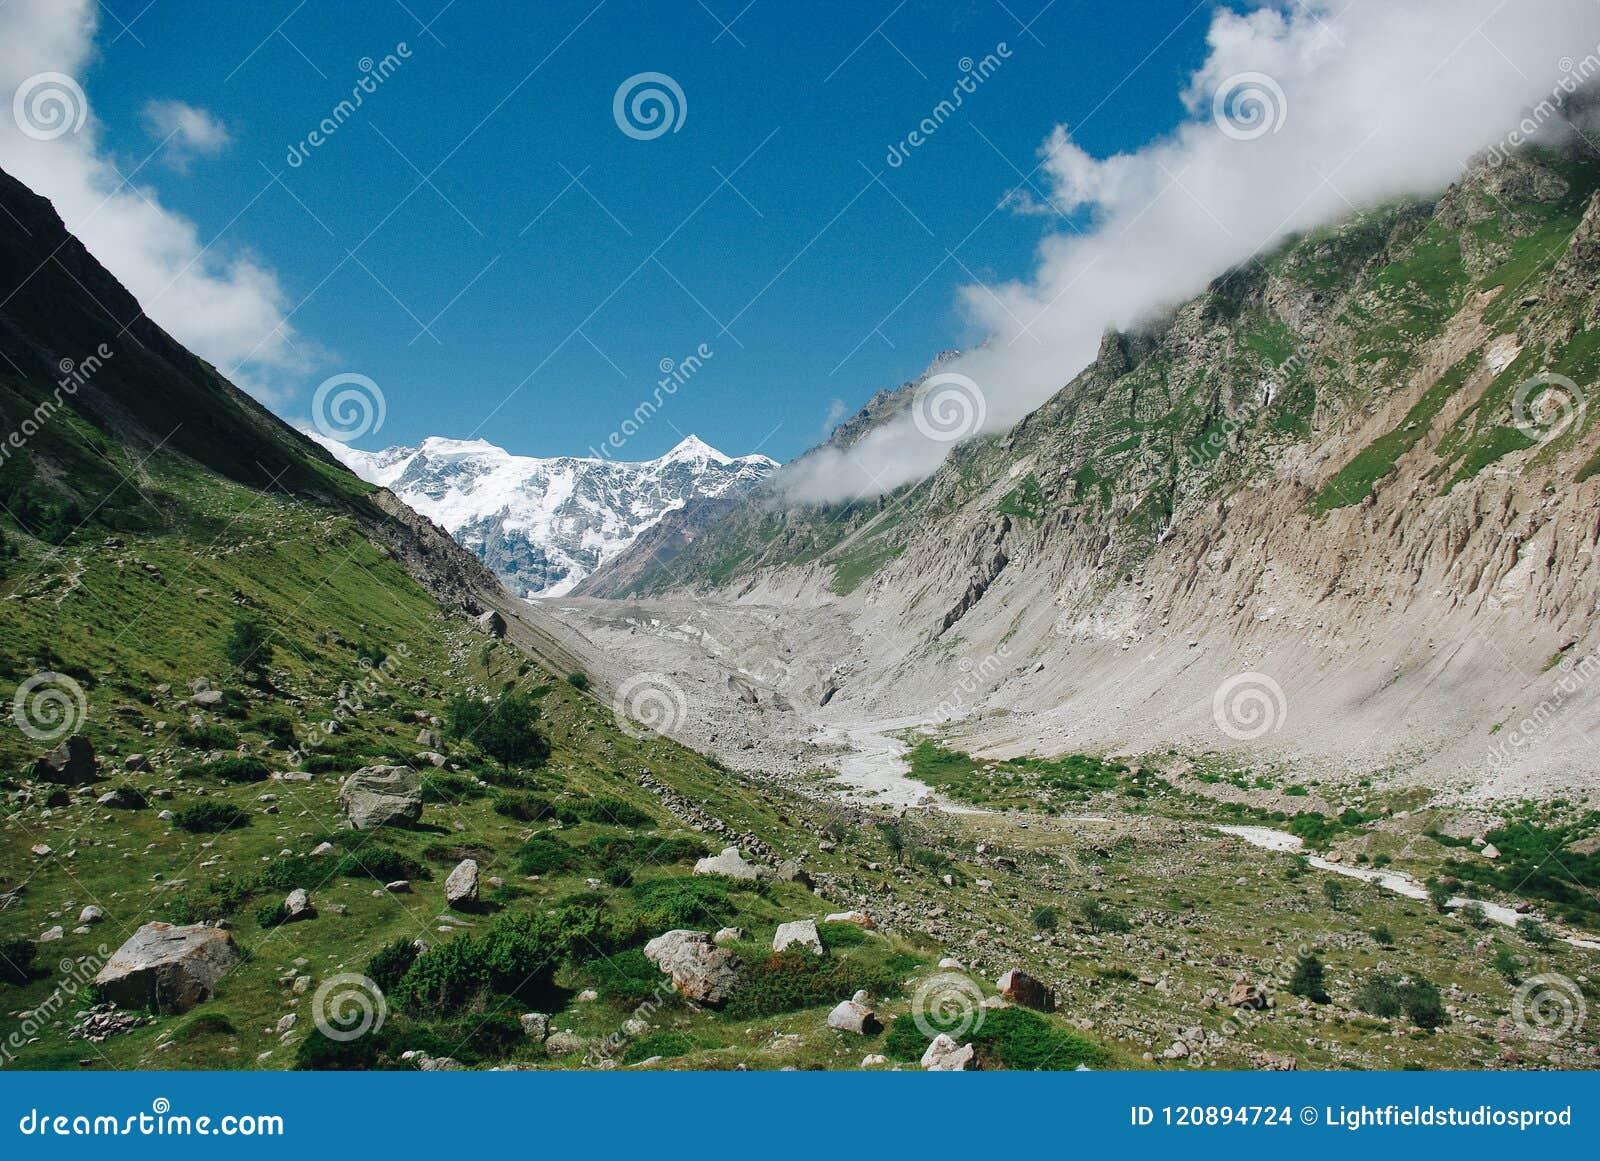 Härlig ravin i den gröna bergregionen, rysk federation, Kaukasus,